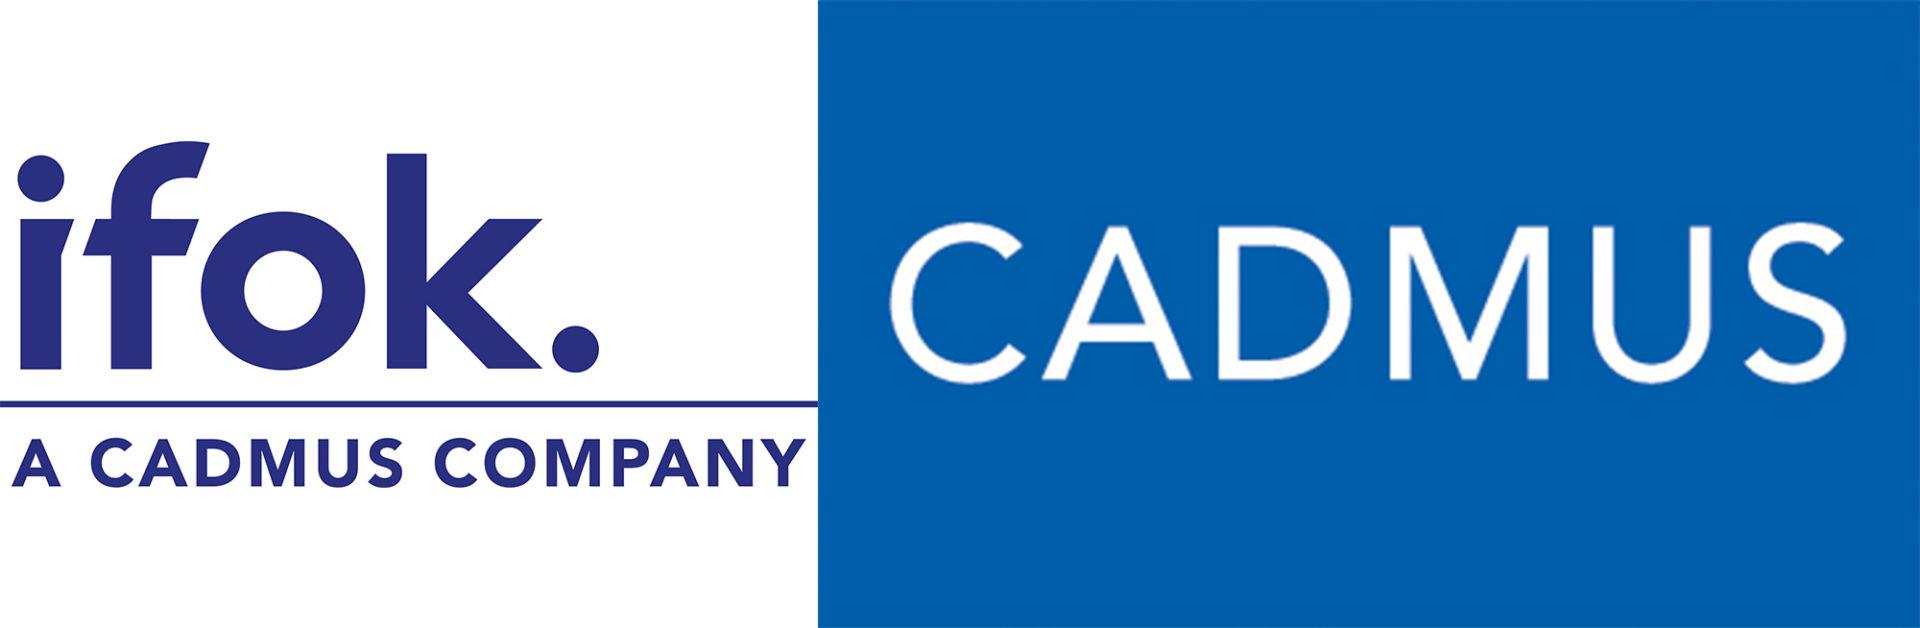 Logos der Unternehmen CADMUS und ifok